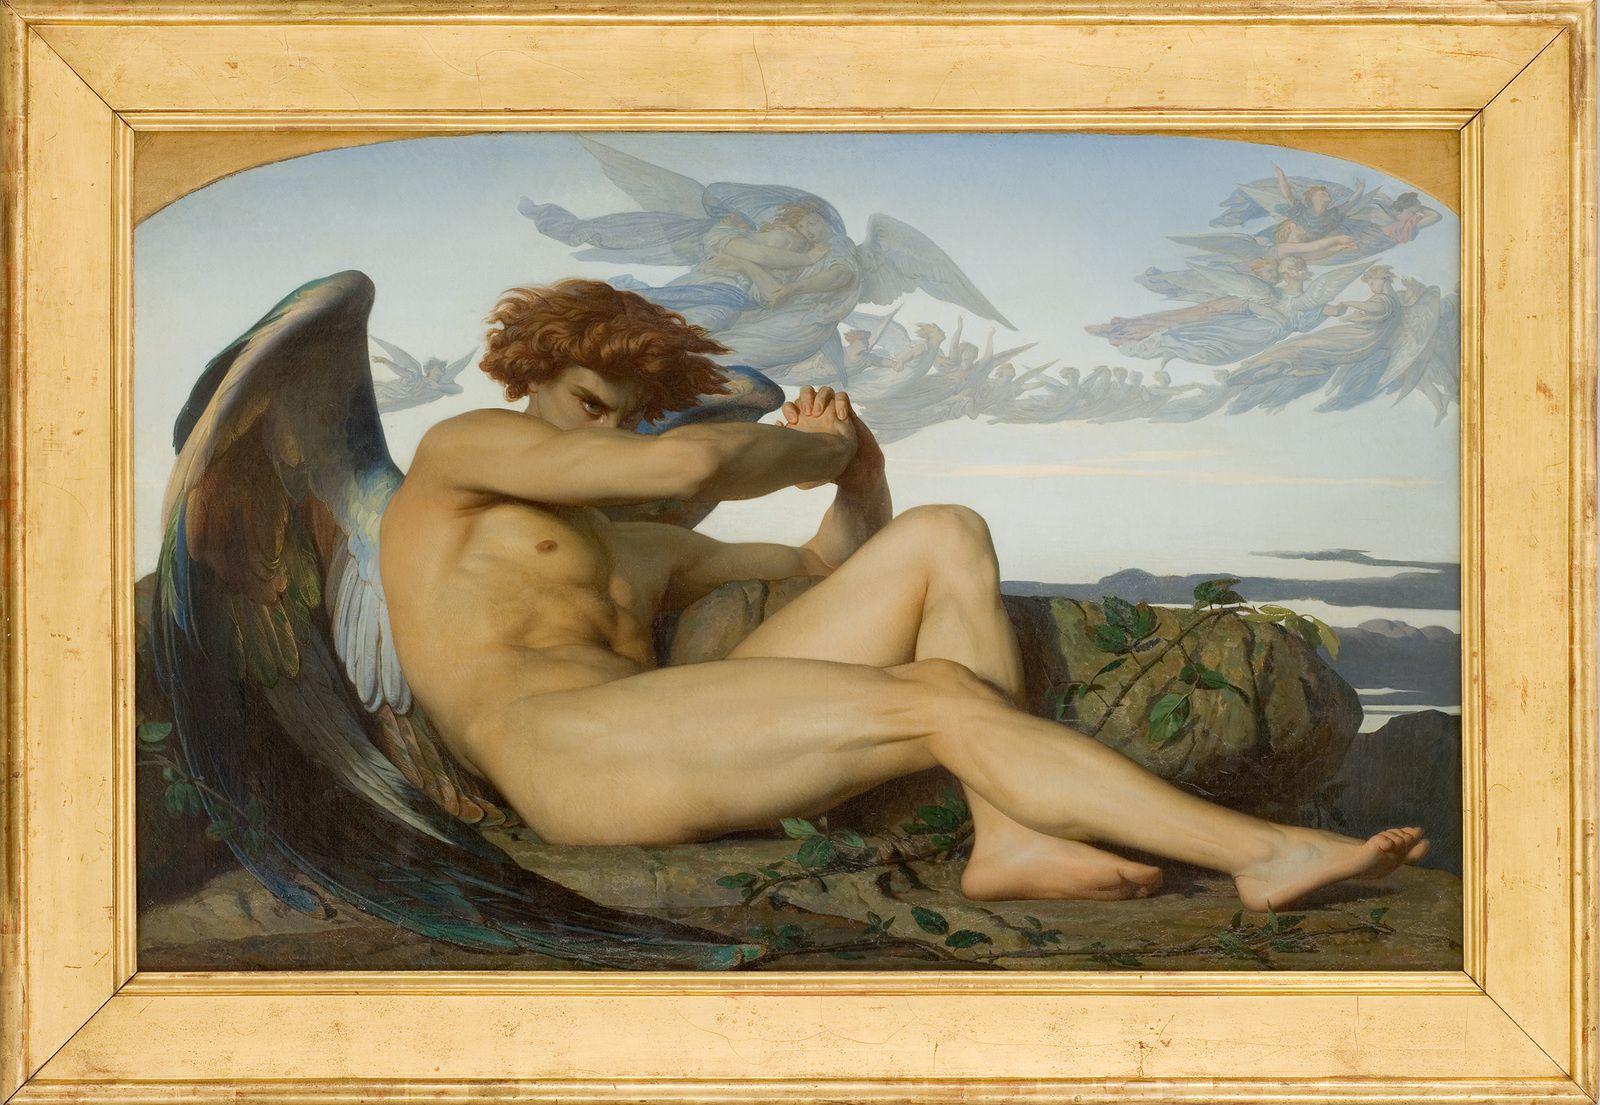 CABANEL Alexandre ( Montpellier, 1823 - Paris, 1889 )  L'Ange déchu  1847  Huile sur toile  H. 1,210 &#x3B; L. 1,897  Don Barthélémy Cabanel, frère de l'artiste, 1889 (photographie Frédéric Jaulmes)